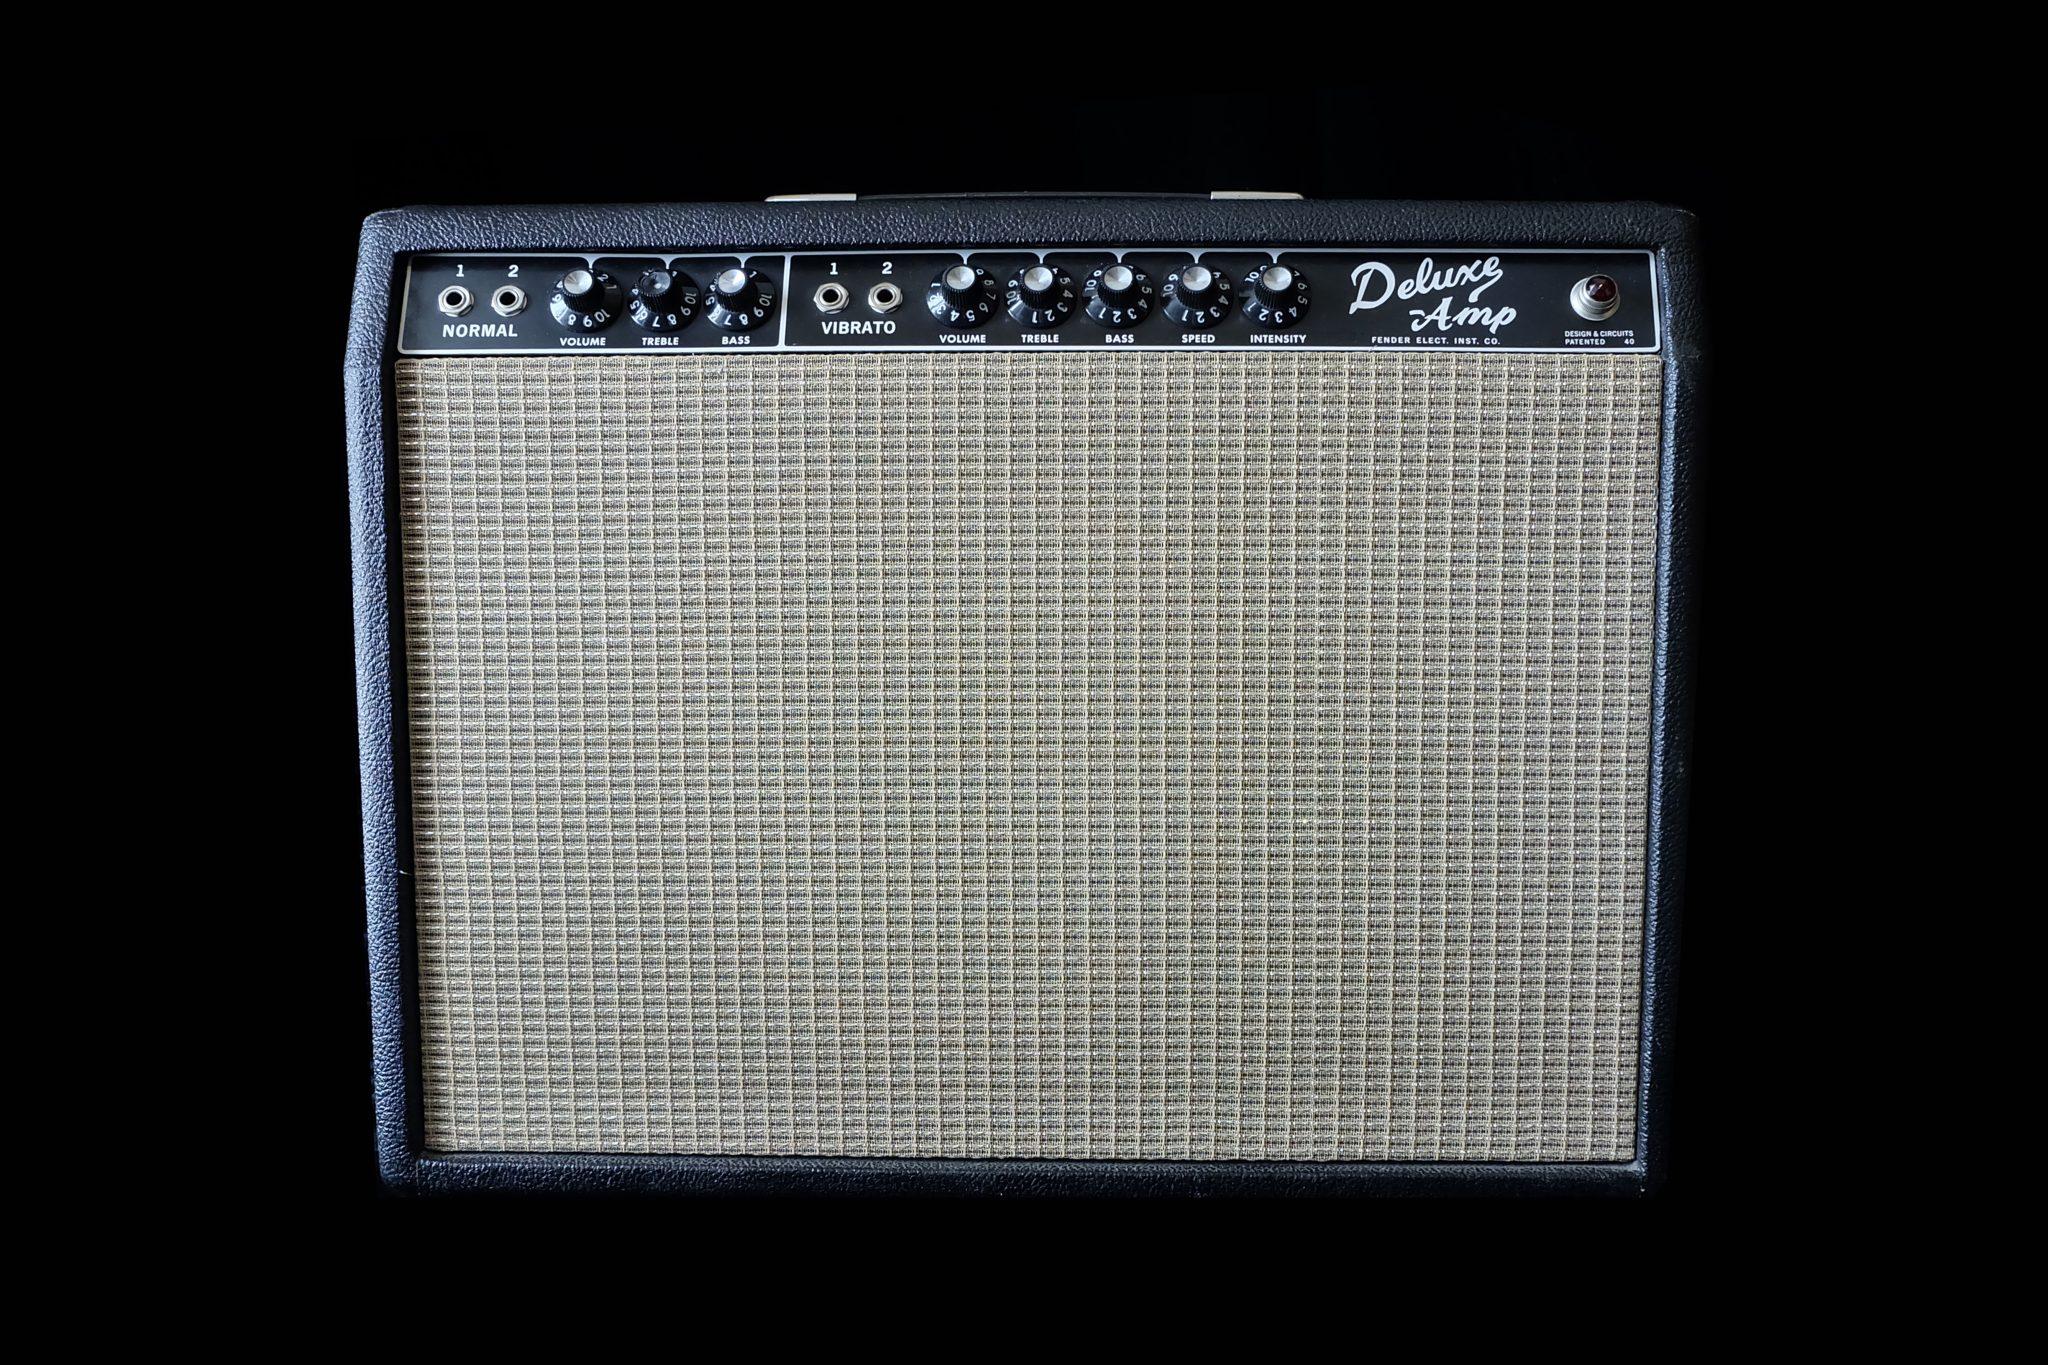 Fender Deluxe 1964